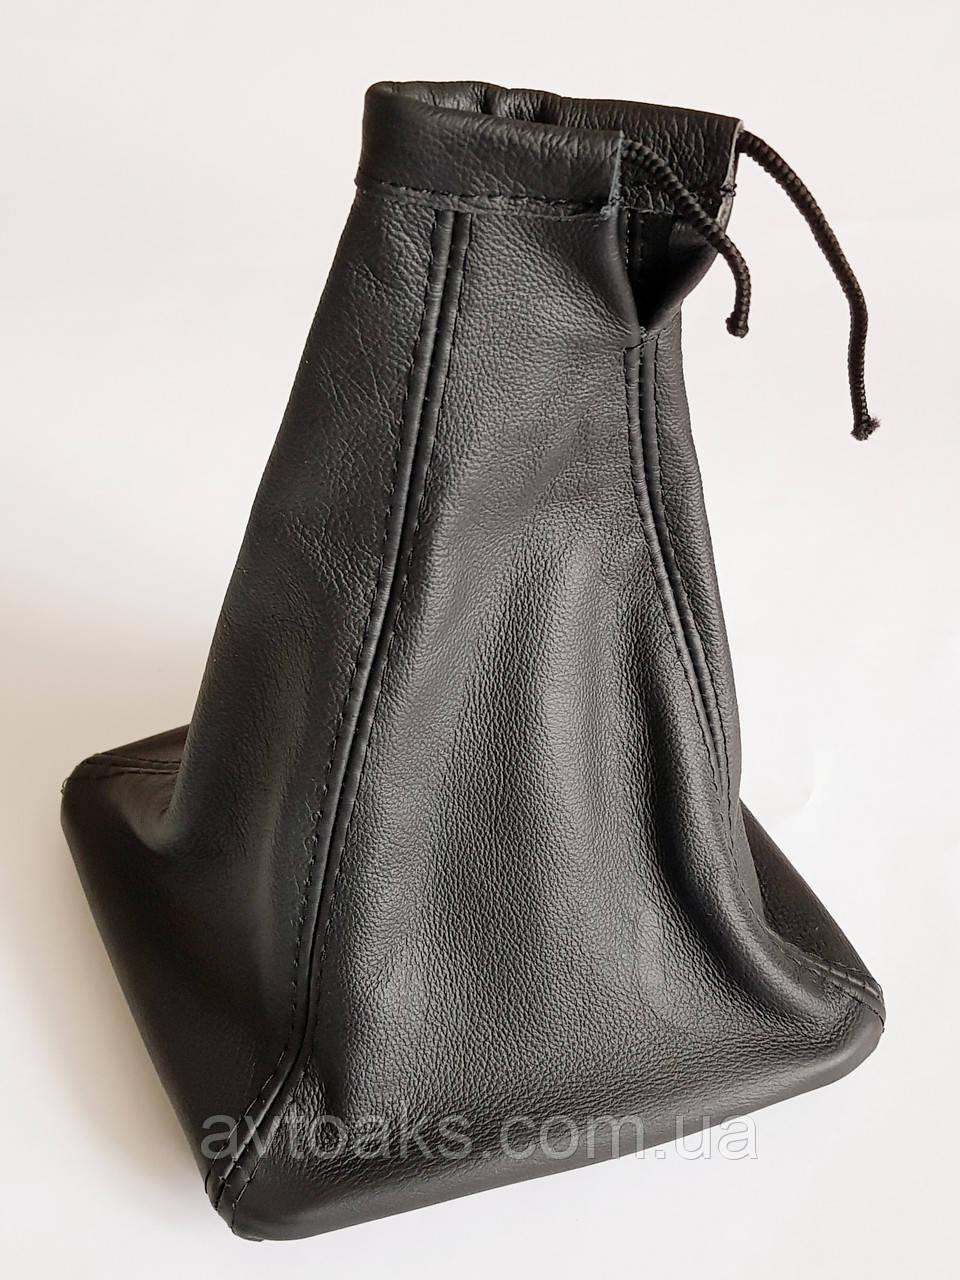 Чехол КПП ПРИОРА с рамкой, кожаный